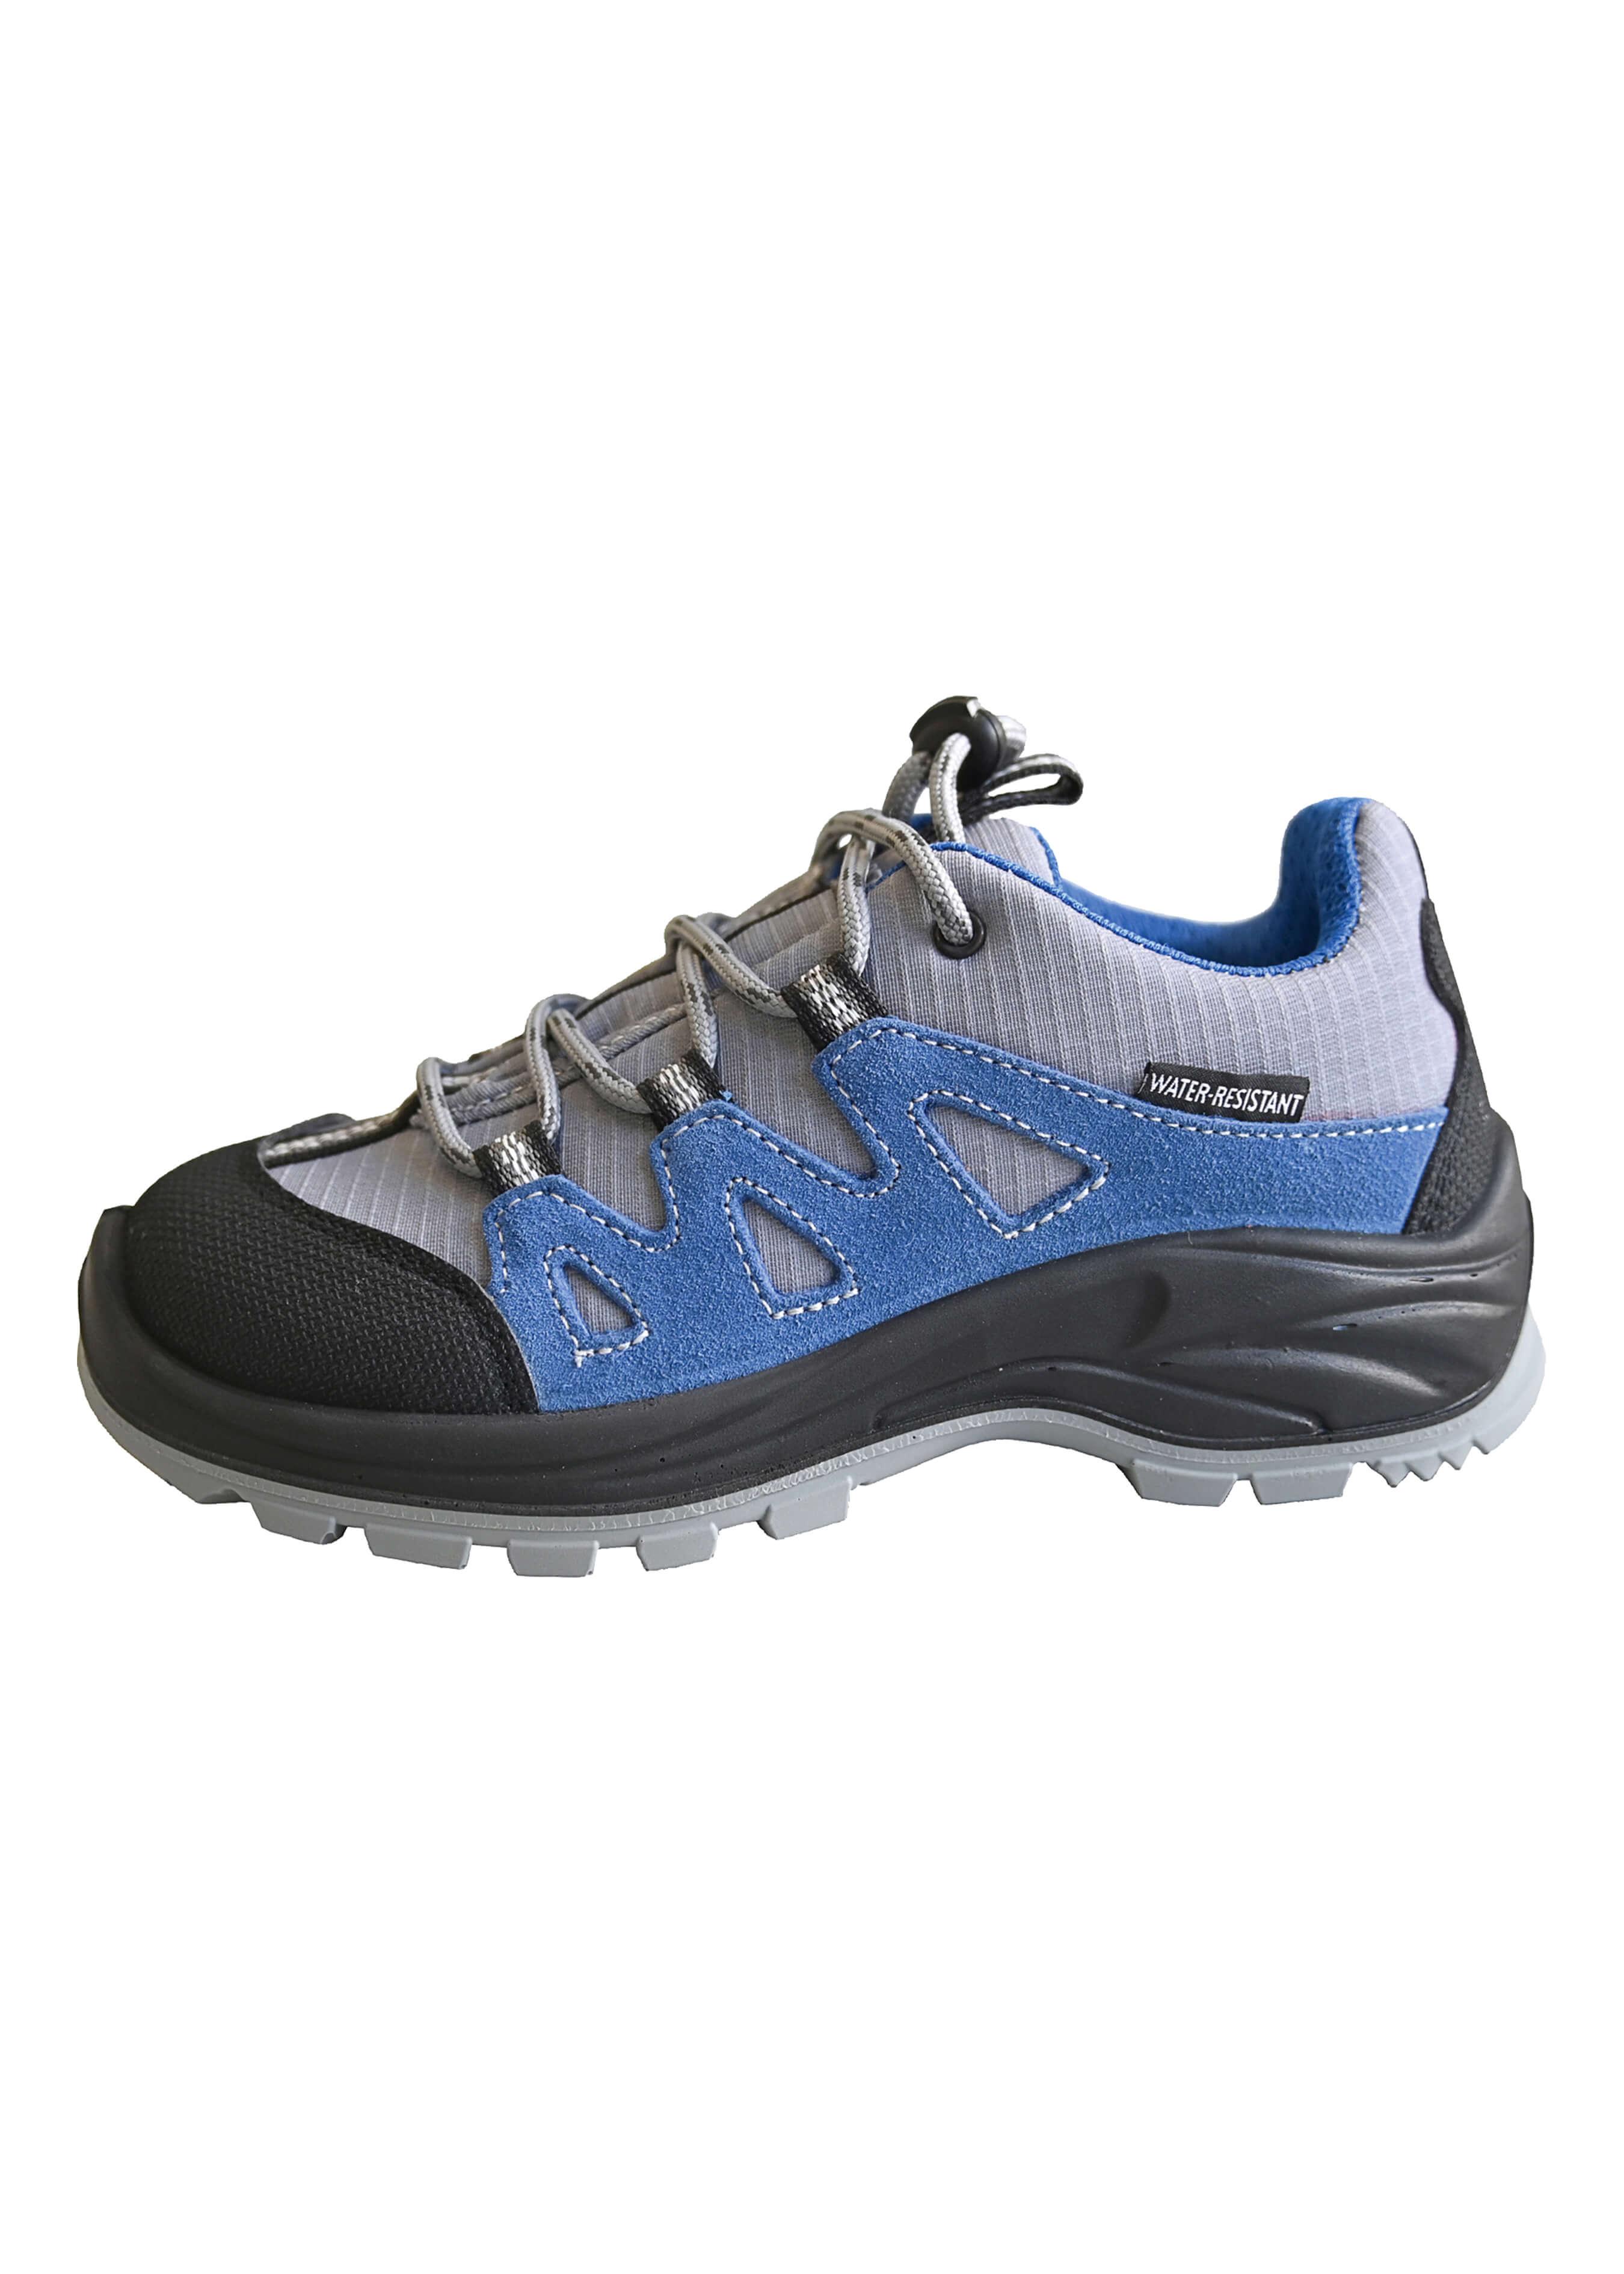 Chaussure polyvalente pour enfants One 42983226 1